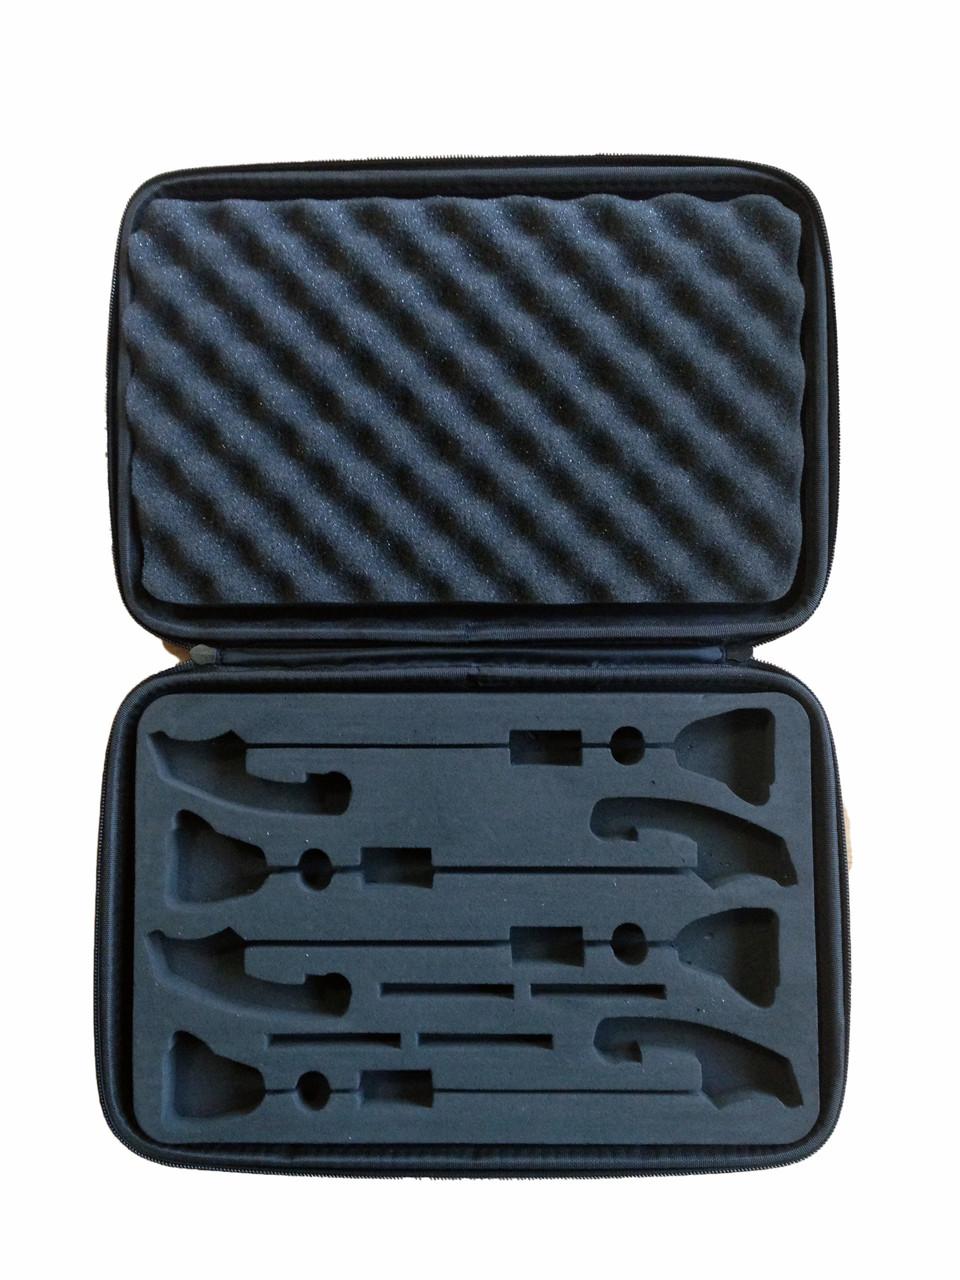 Чехол для свингеров Swinger Case 4-rod